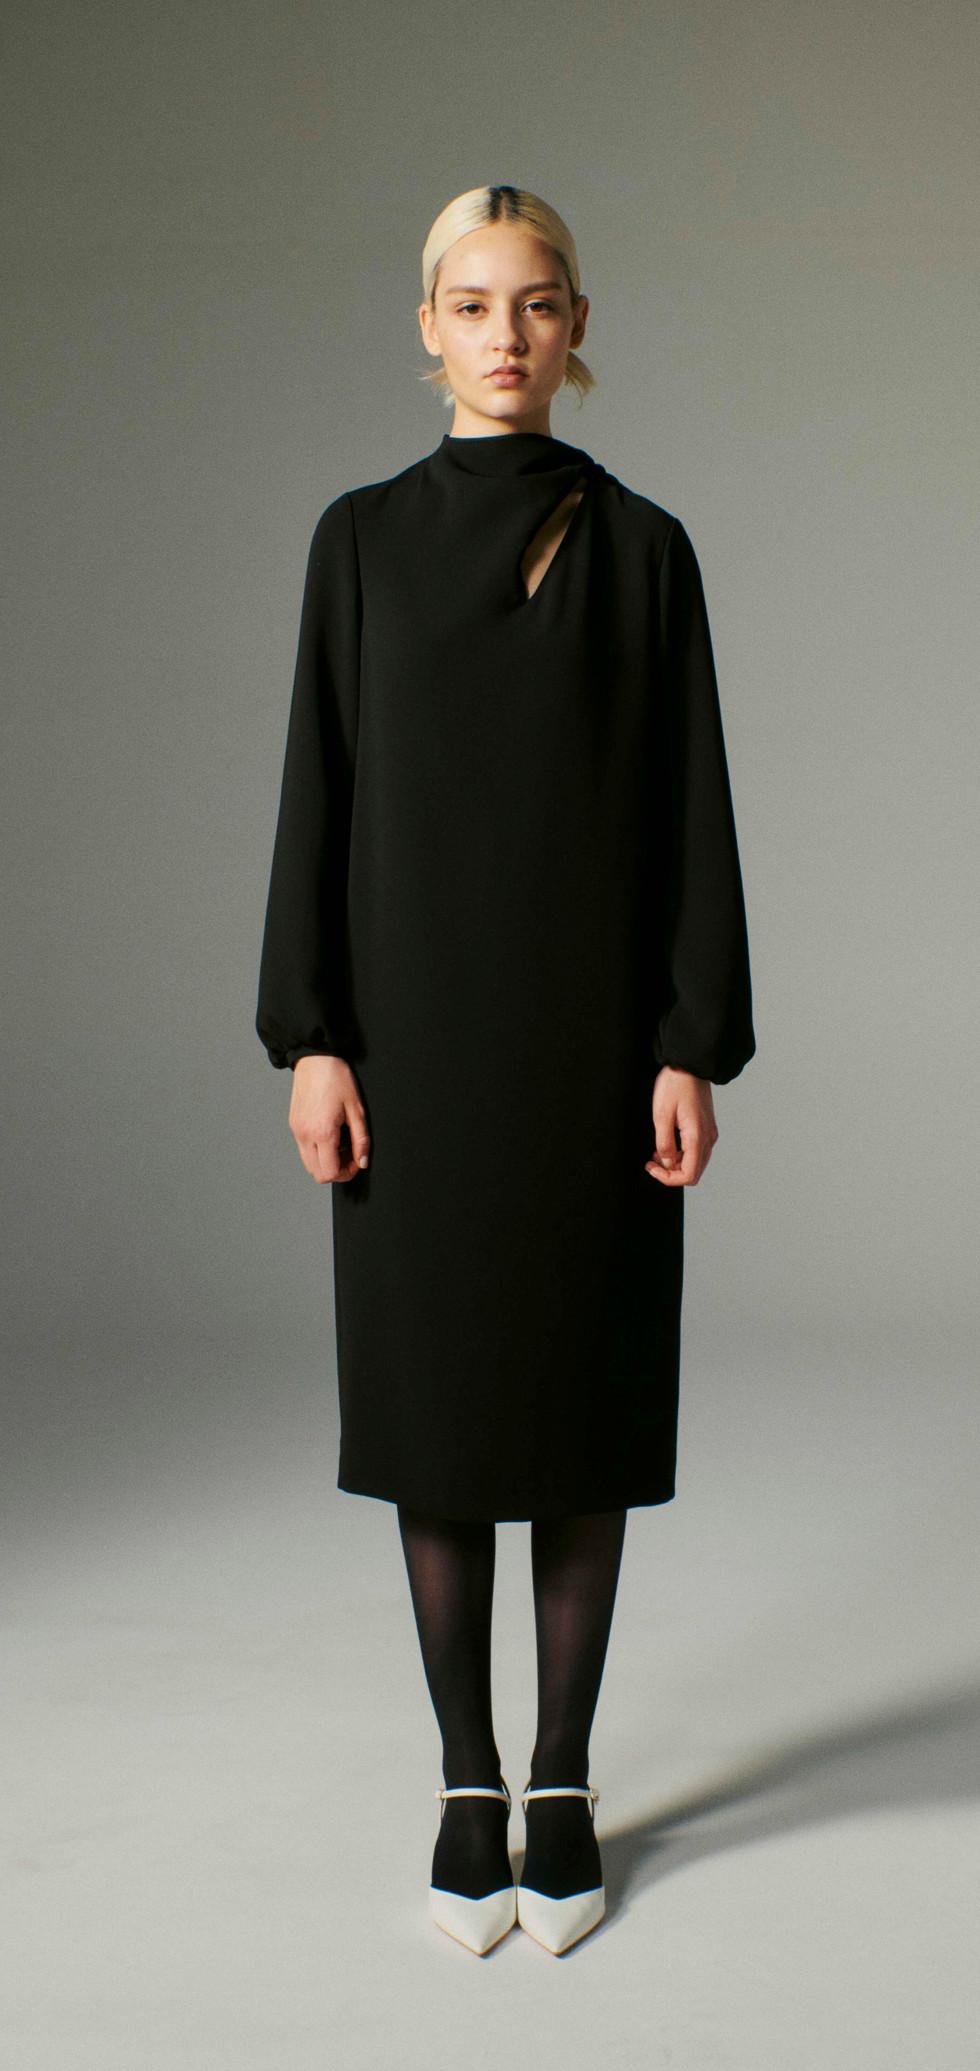 DRESS BR8O-160-1455